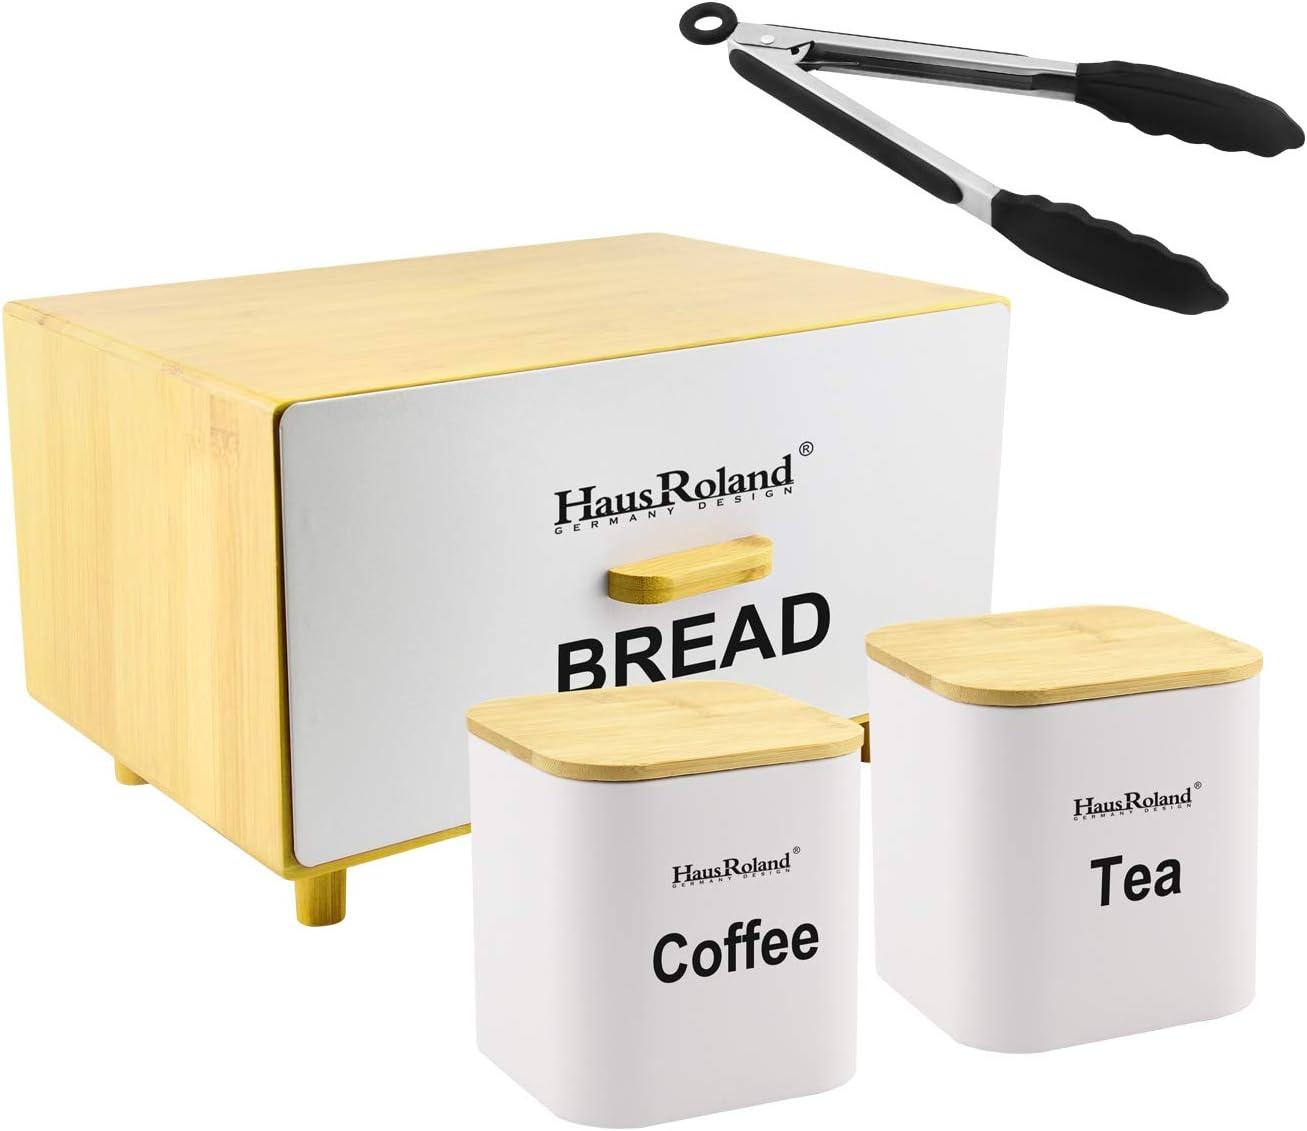 HausRoland Bread Box for Kitchen Counter Drawer Bread Bin Storag